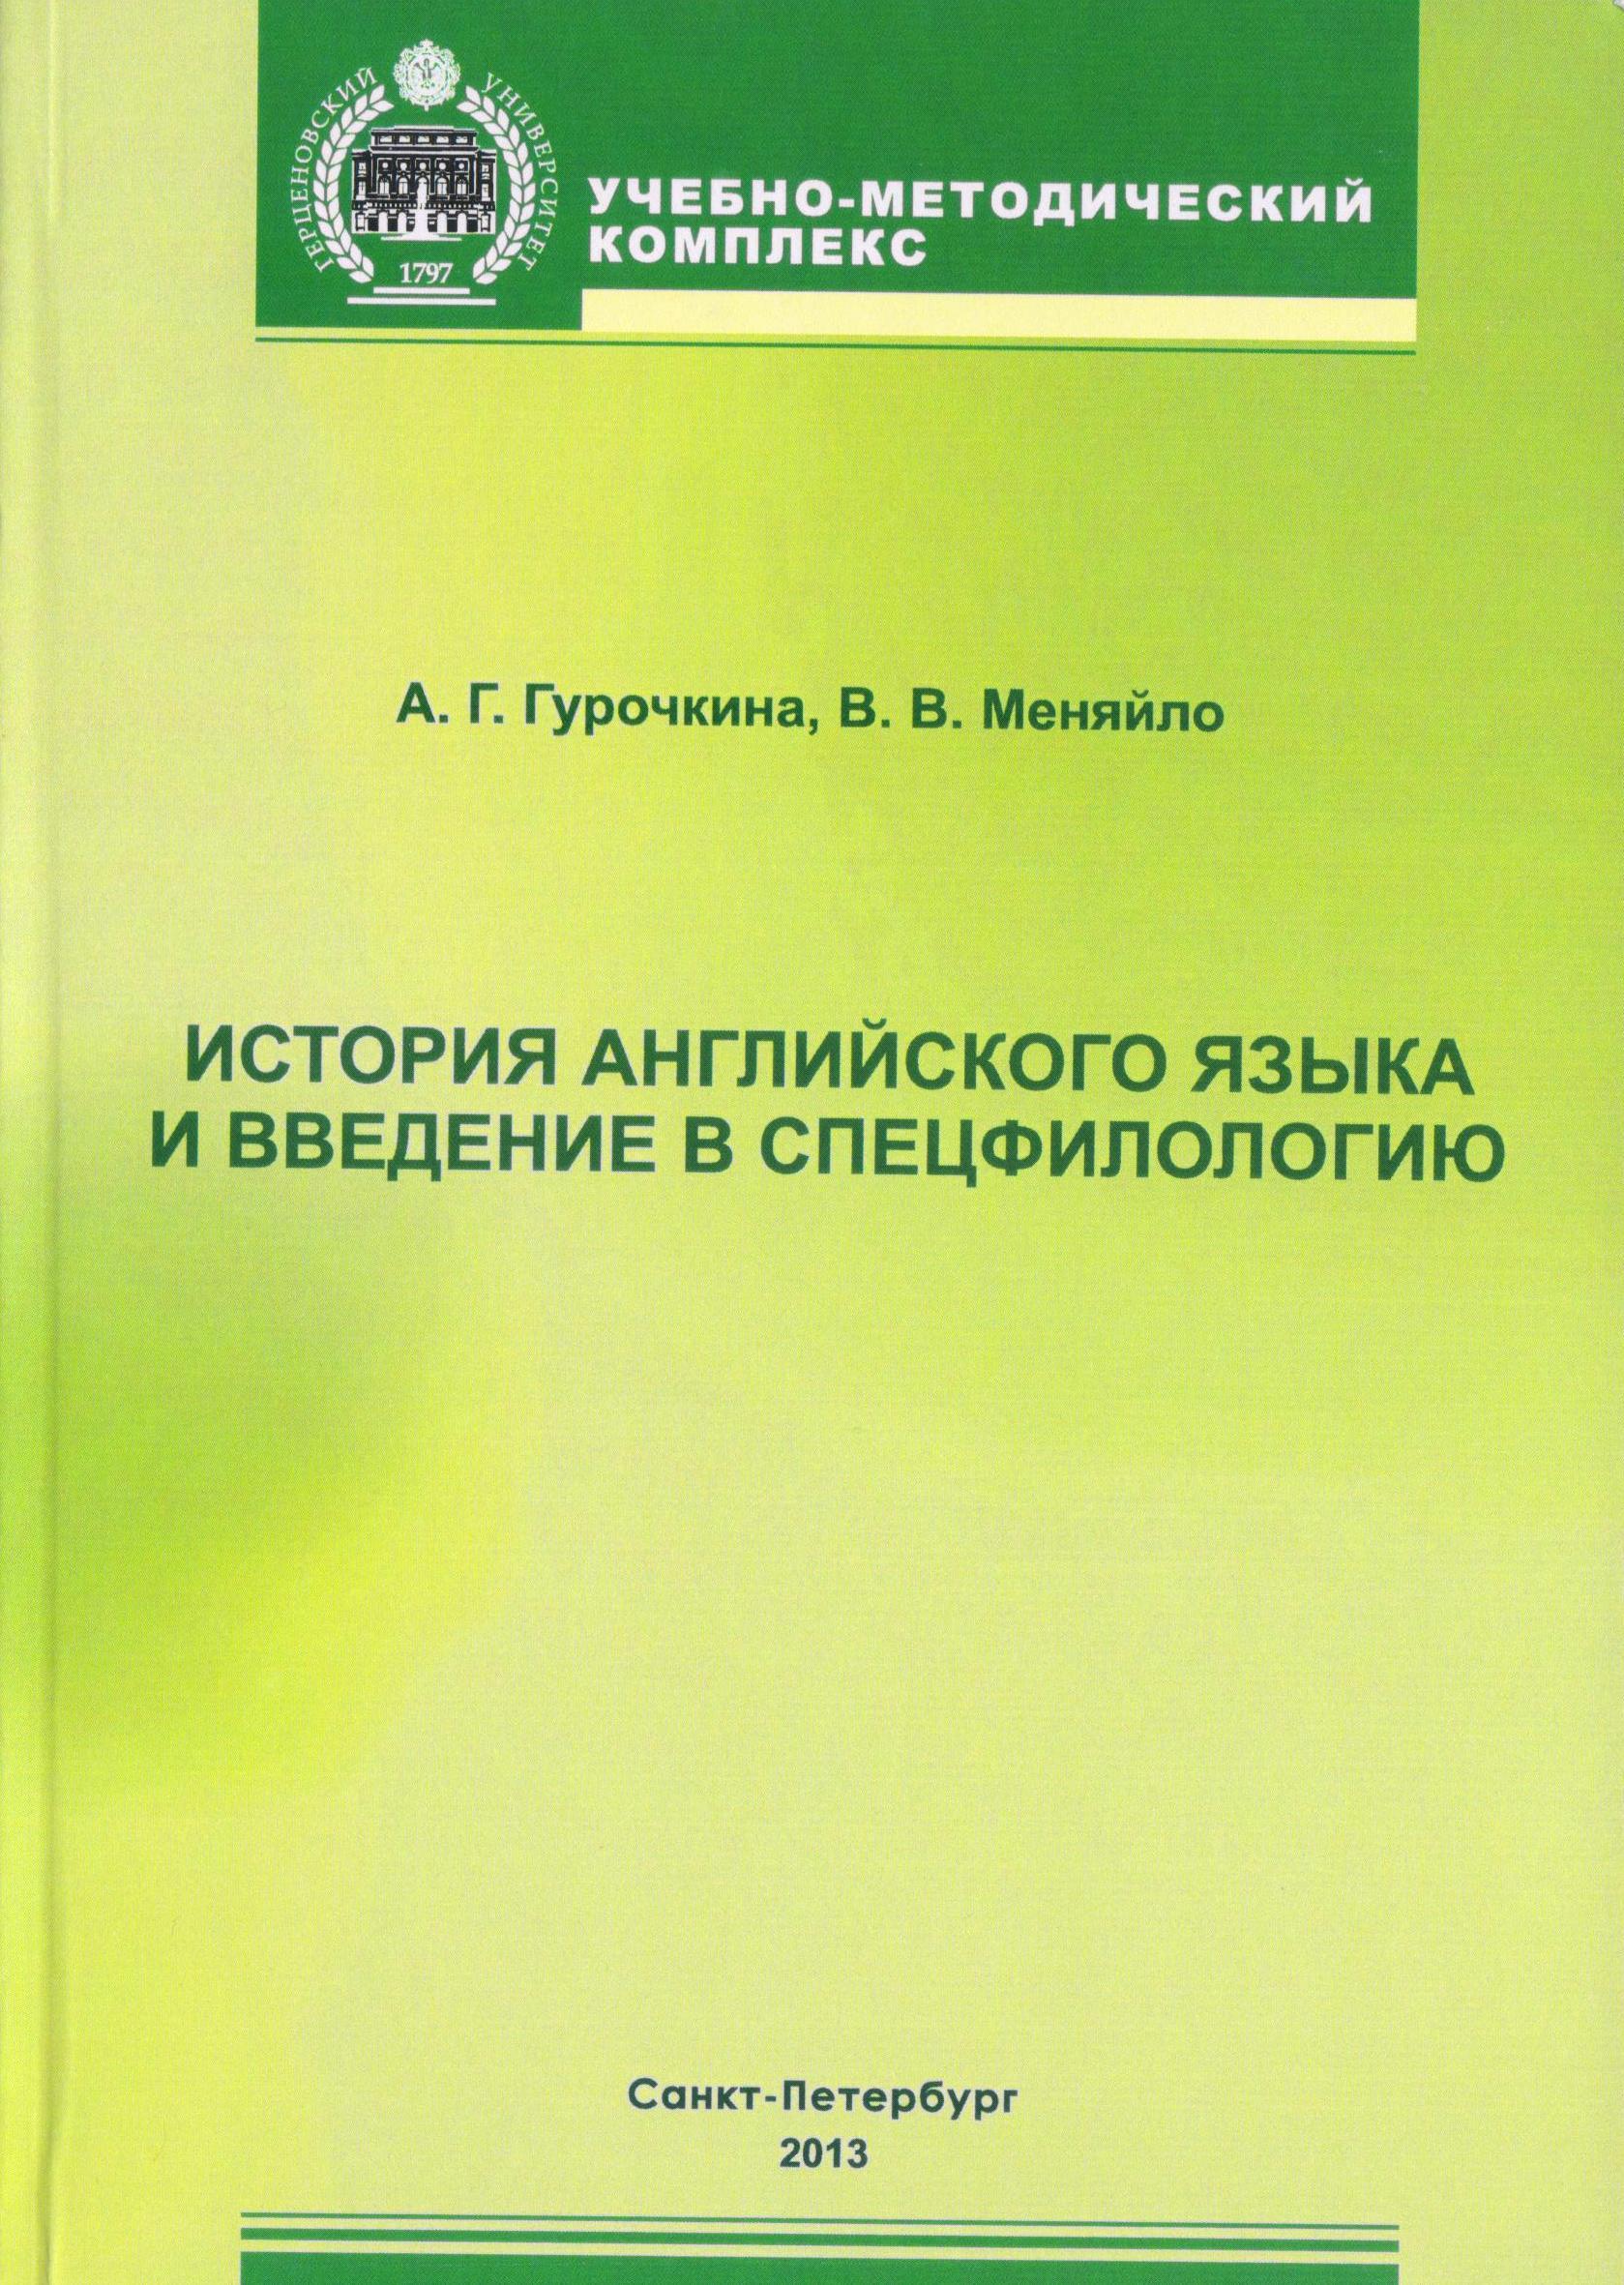 История английского языка и введение в спецфилологию: Учебно-методический комплекс